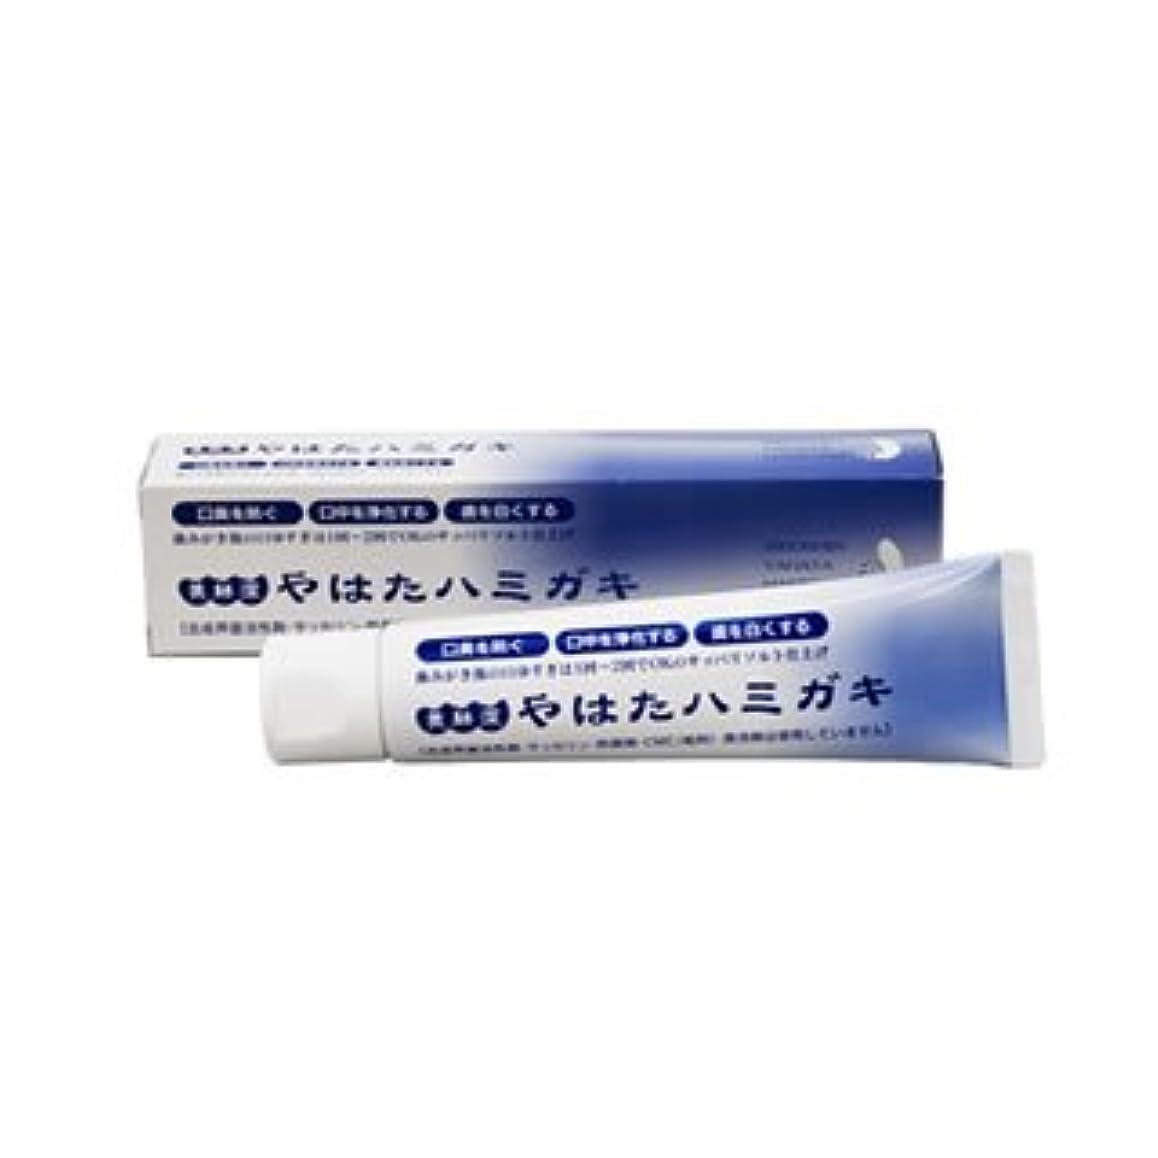 追記意図光沢無添加 歯磨き粉 やはたハミガキ 120g